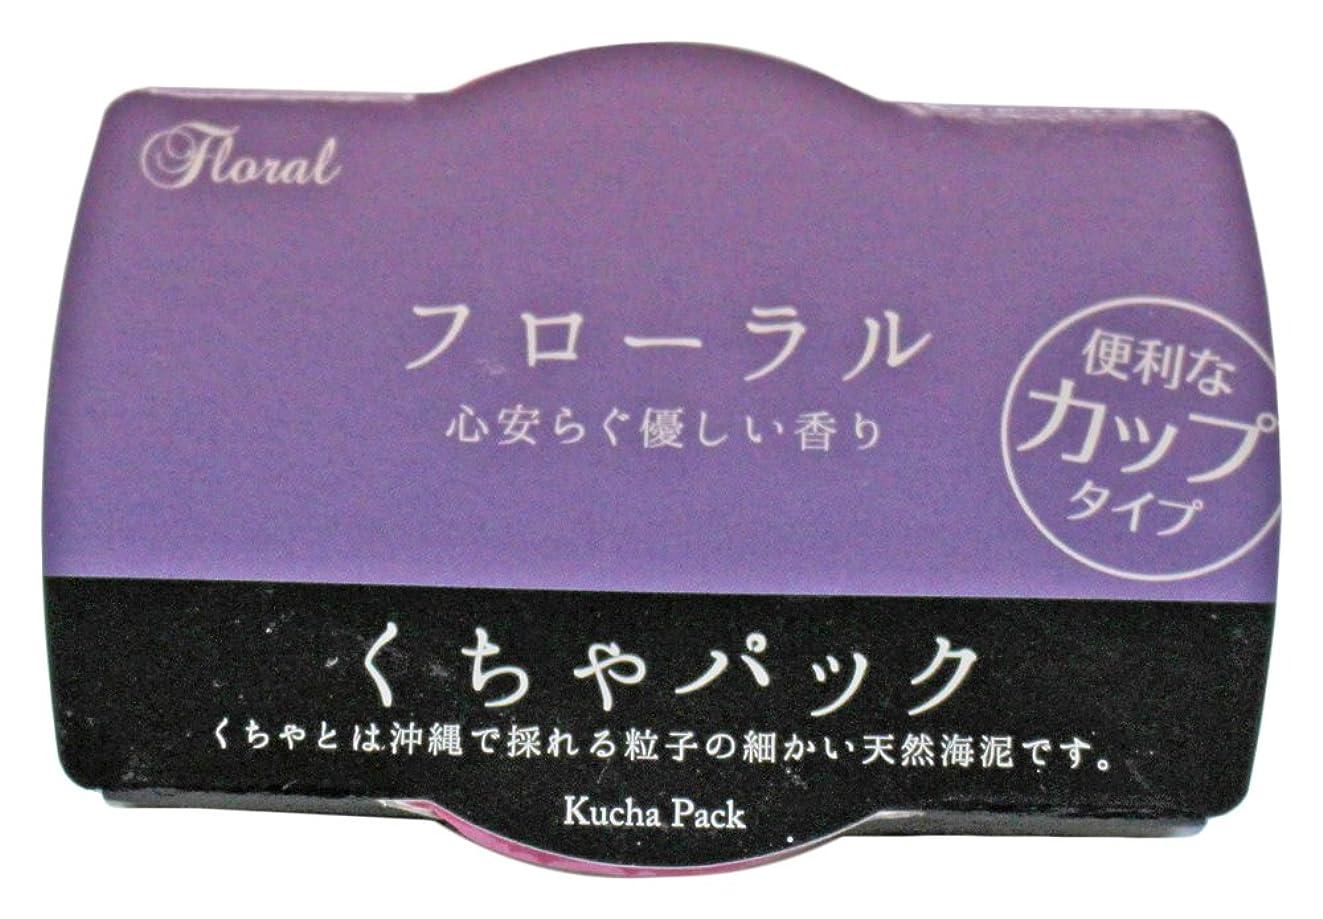 のれんセグメント愛撫くちゃパック 10g×4パックセット (フローラル)